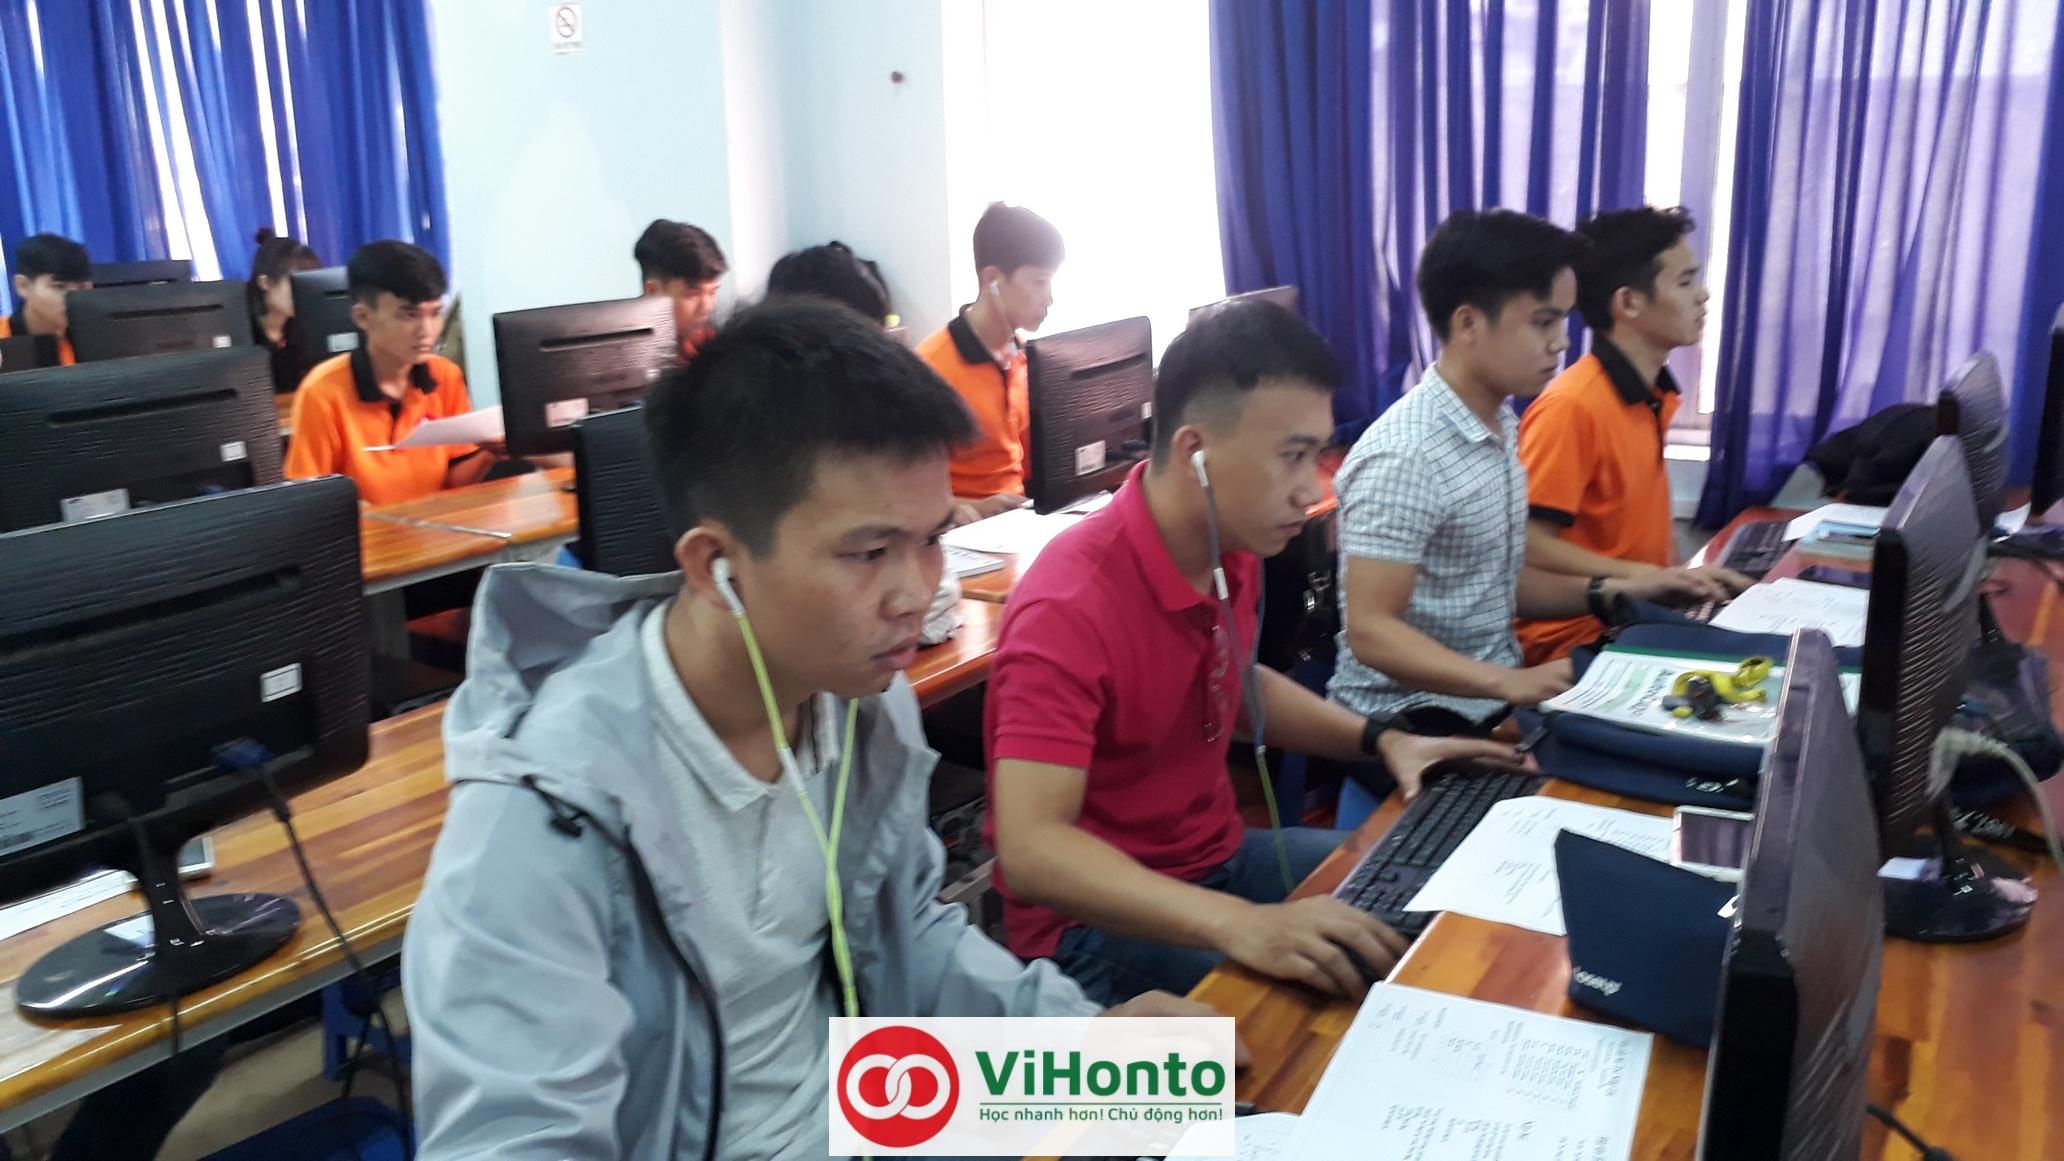 Khoa hoc AutoCAD voi chuong trinh hoc Online cua ViHonto rat hieu qua